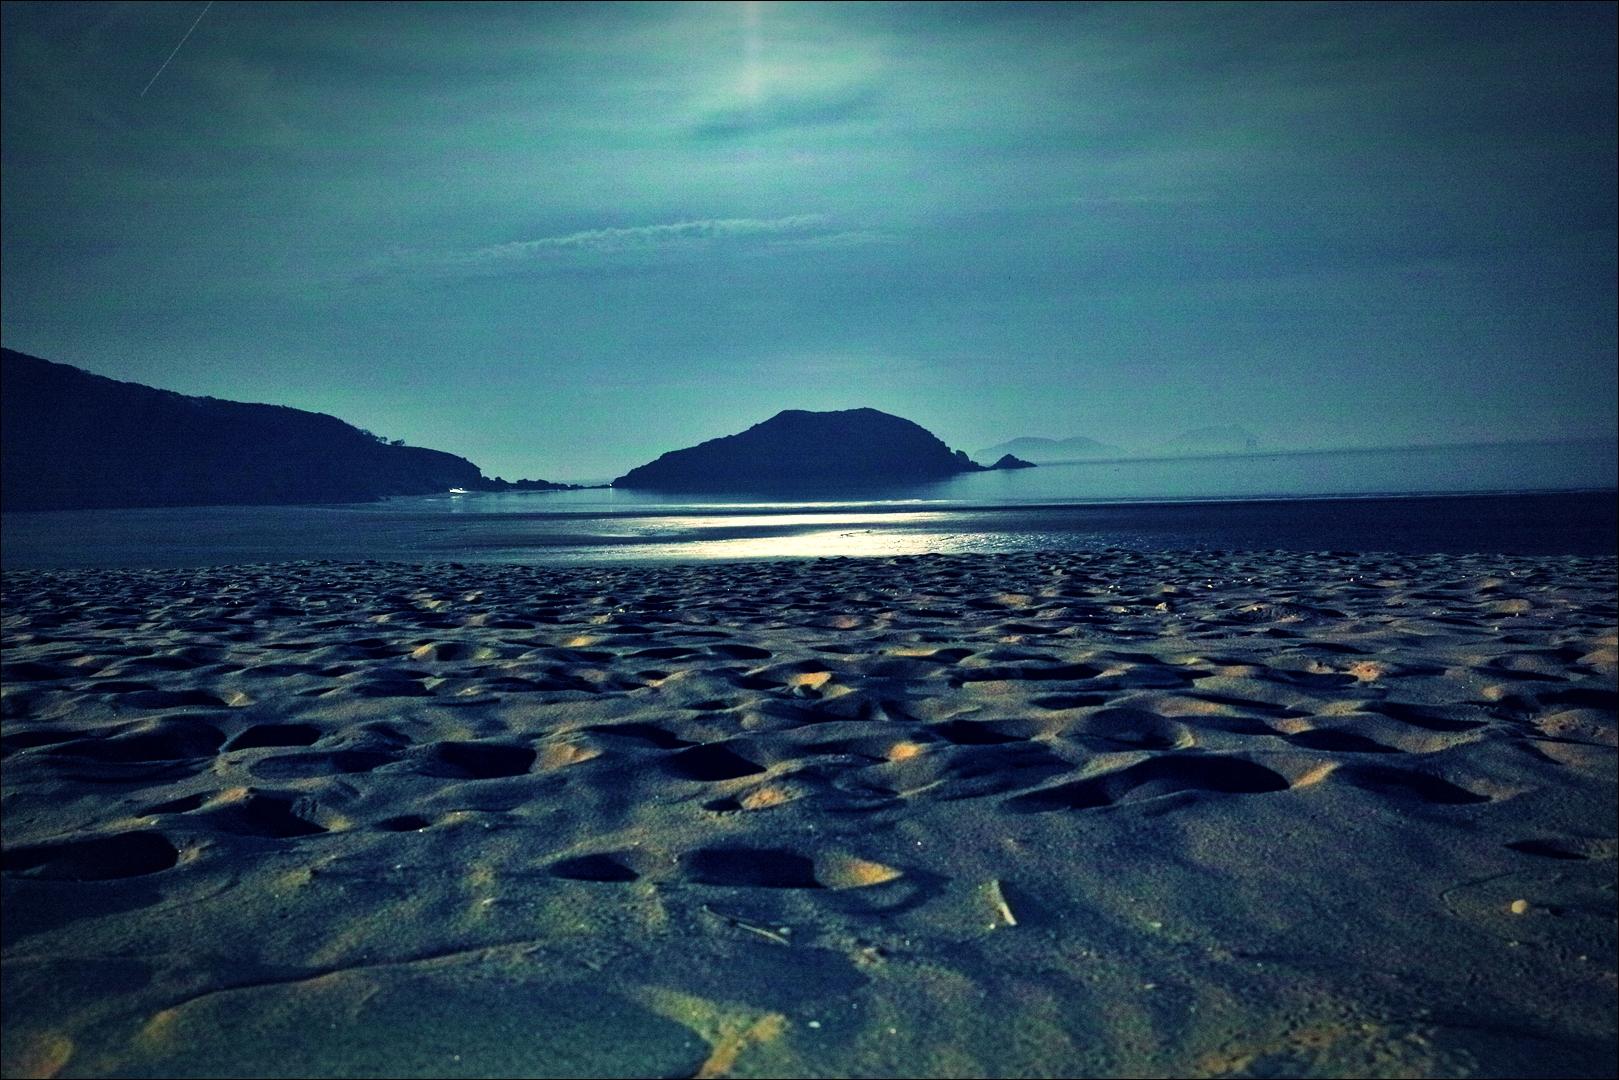 해변-'굴업도 백패킹'